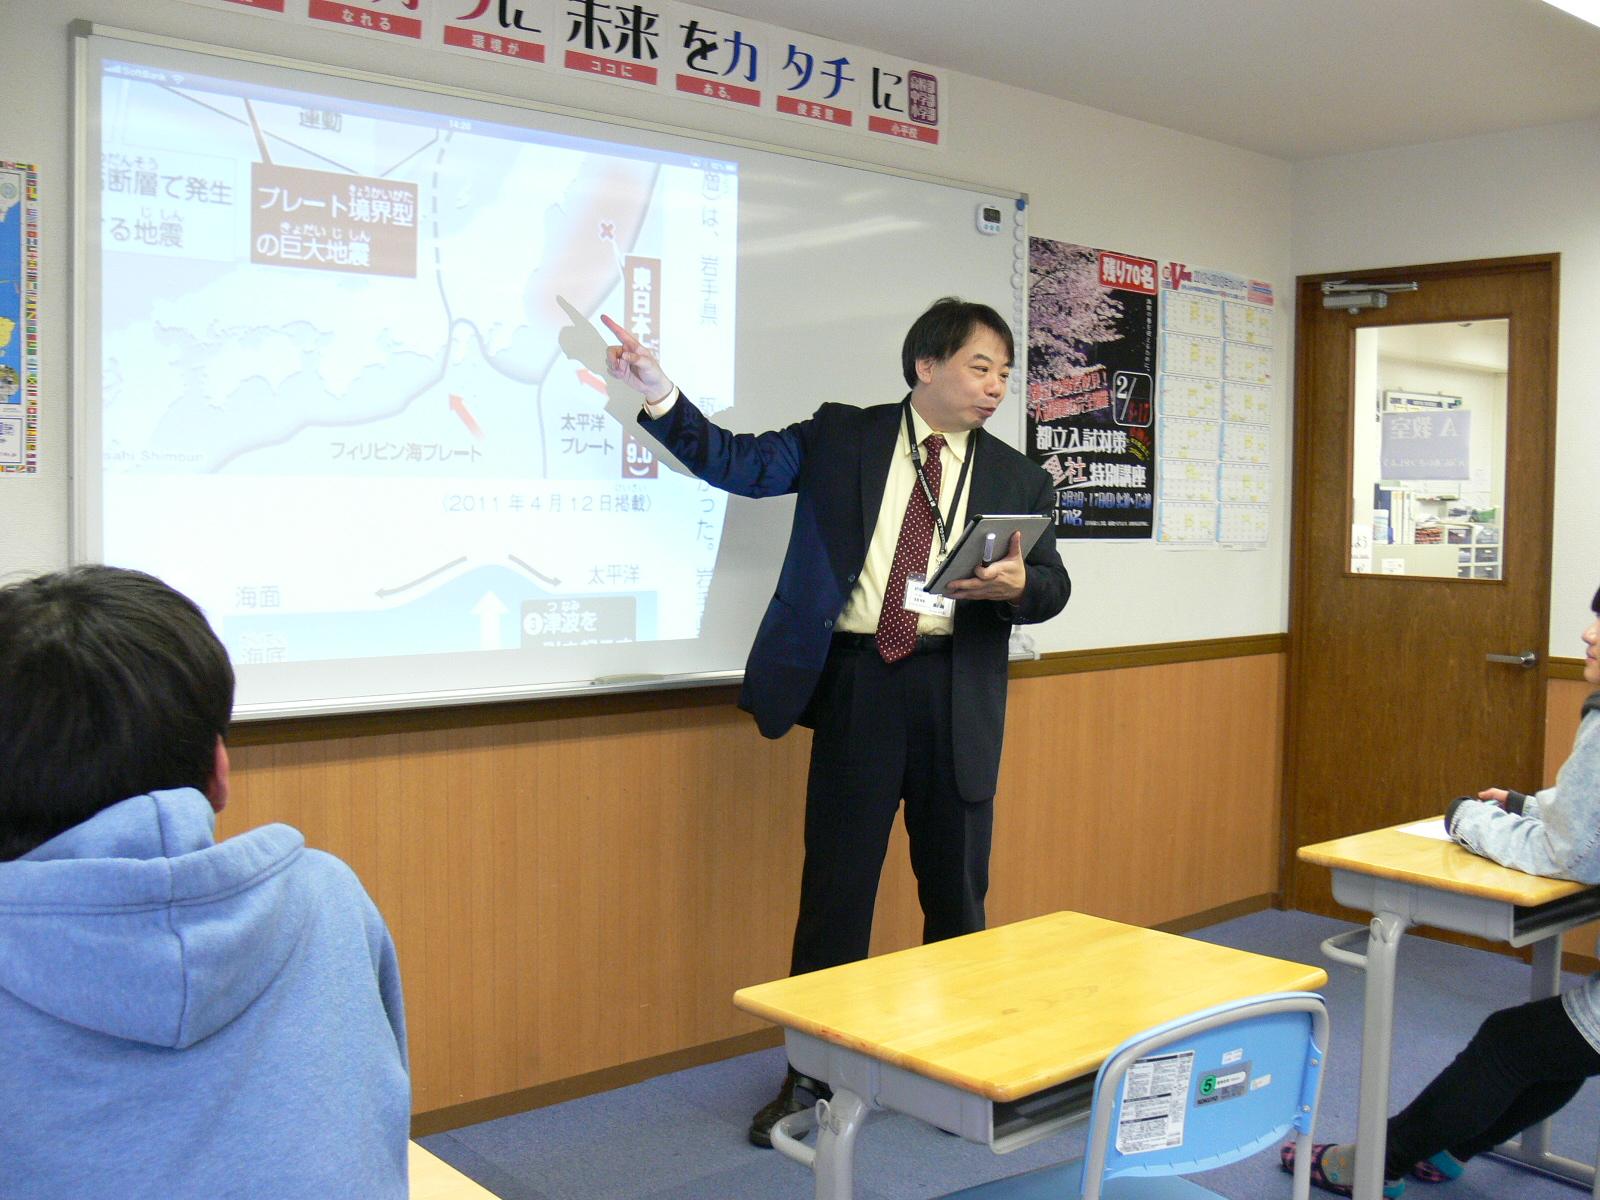 """【全国初】""""iPad mini""""と「今解き教室」を使った小学生向け「進学国語コース」を開講"""